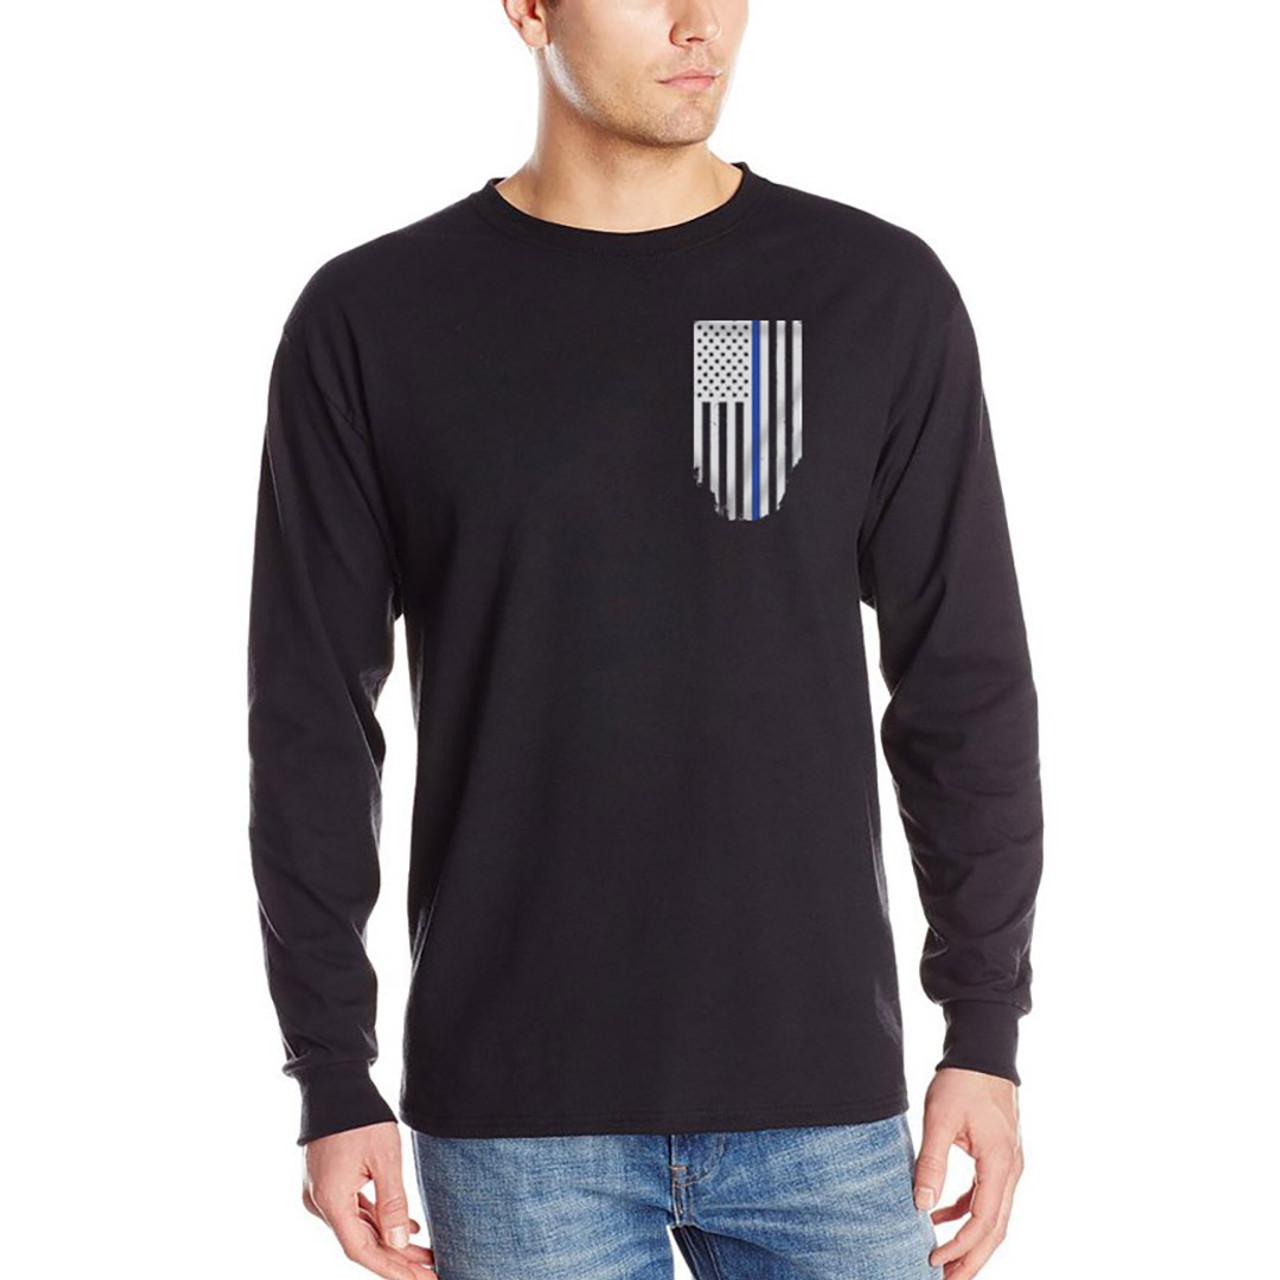 504309366cc2b Thin Blue Line Men's Black Flag Long Sleeve T-Shirts